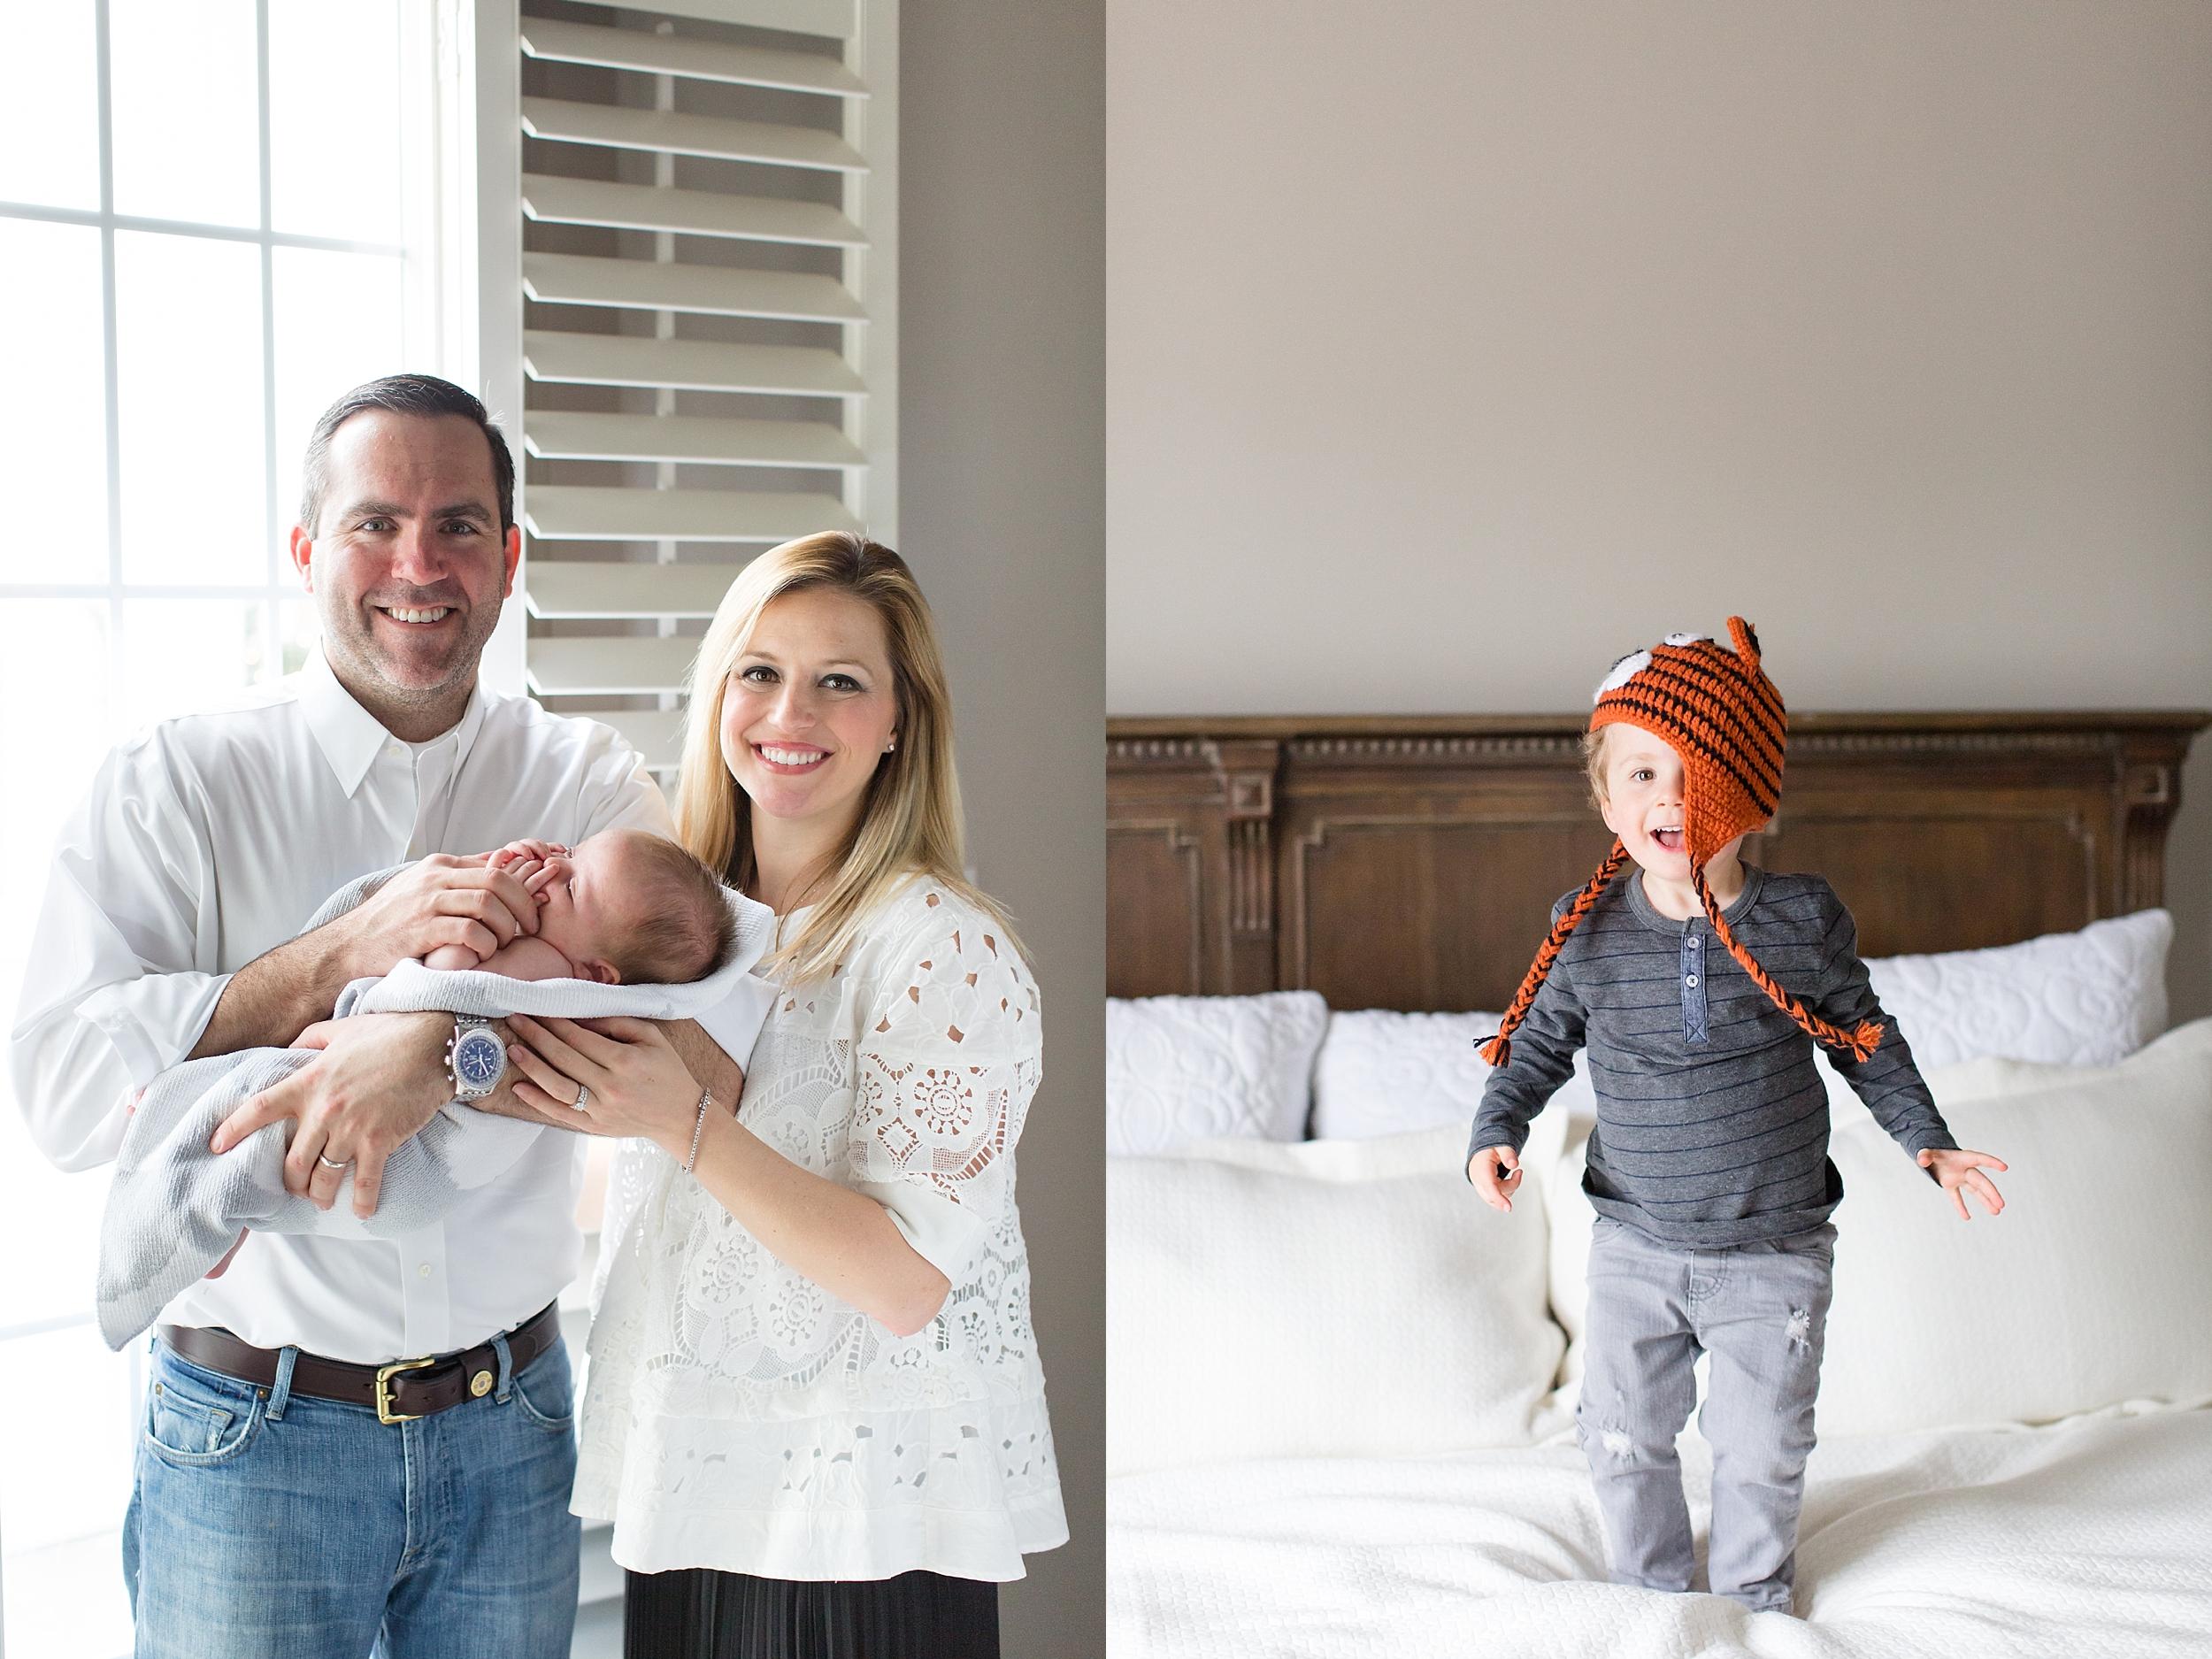 Landon-Schneider-Photography-Liverance-Newborn-Session-McKinney-Texas_0020.jpg